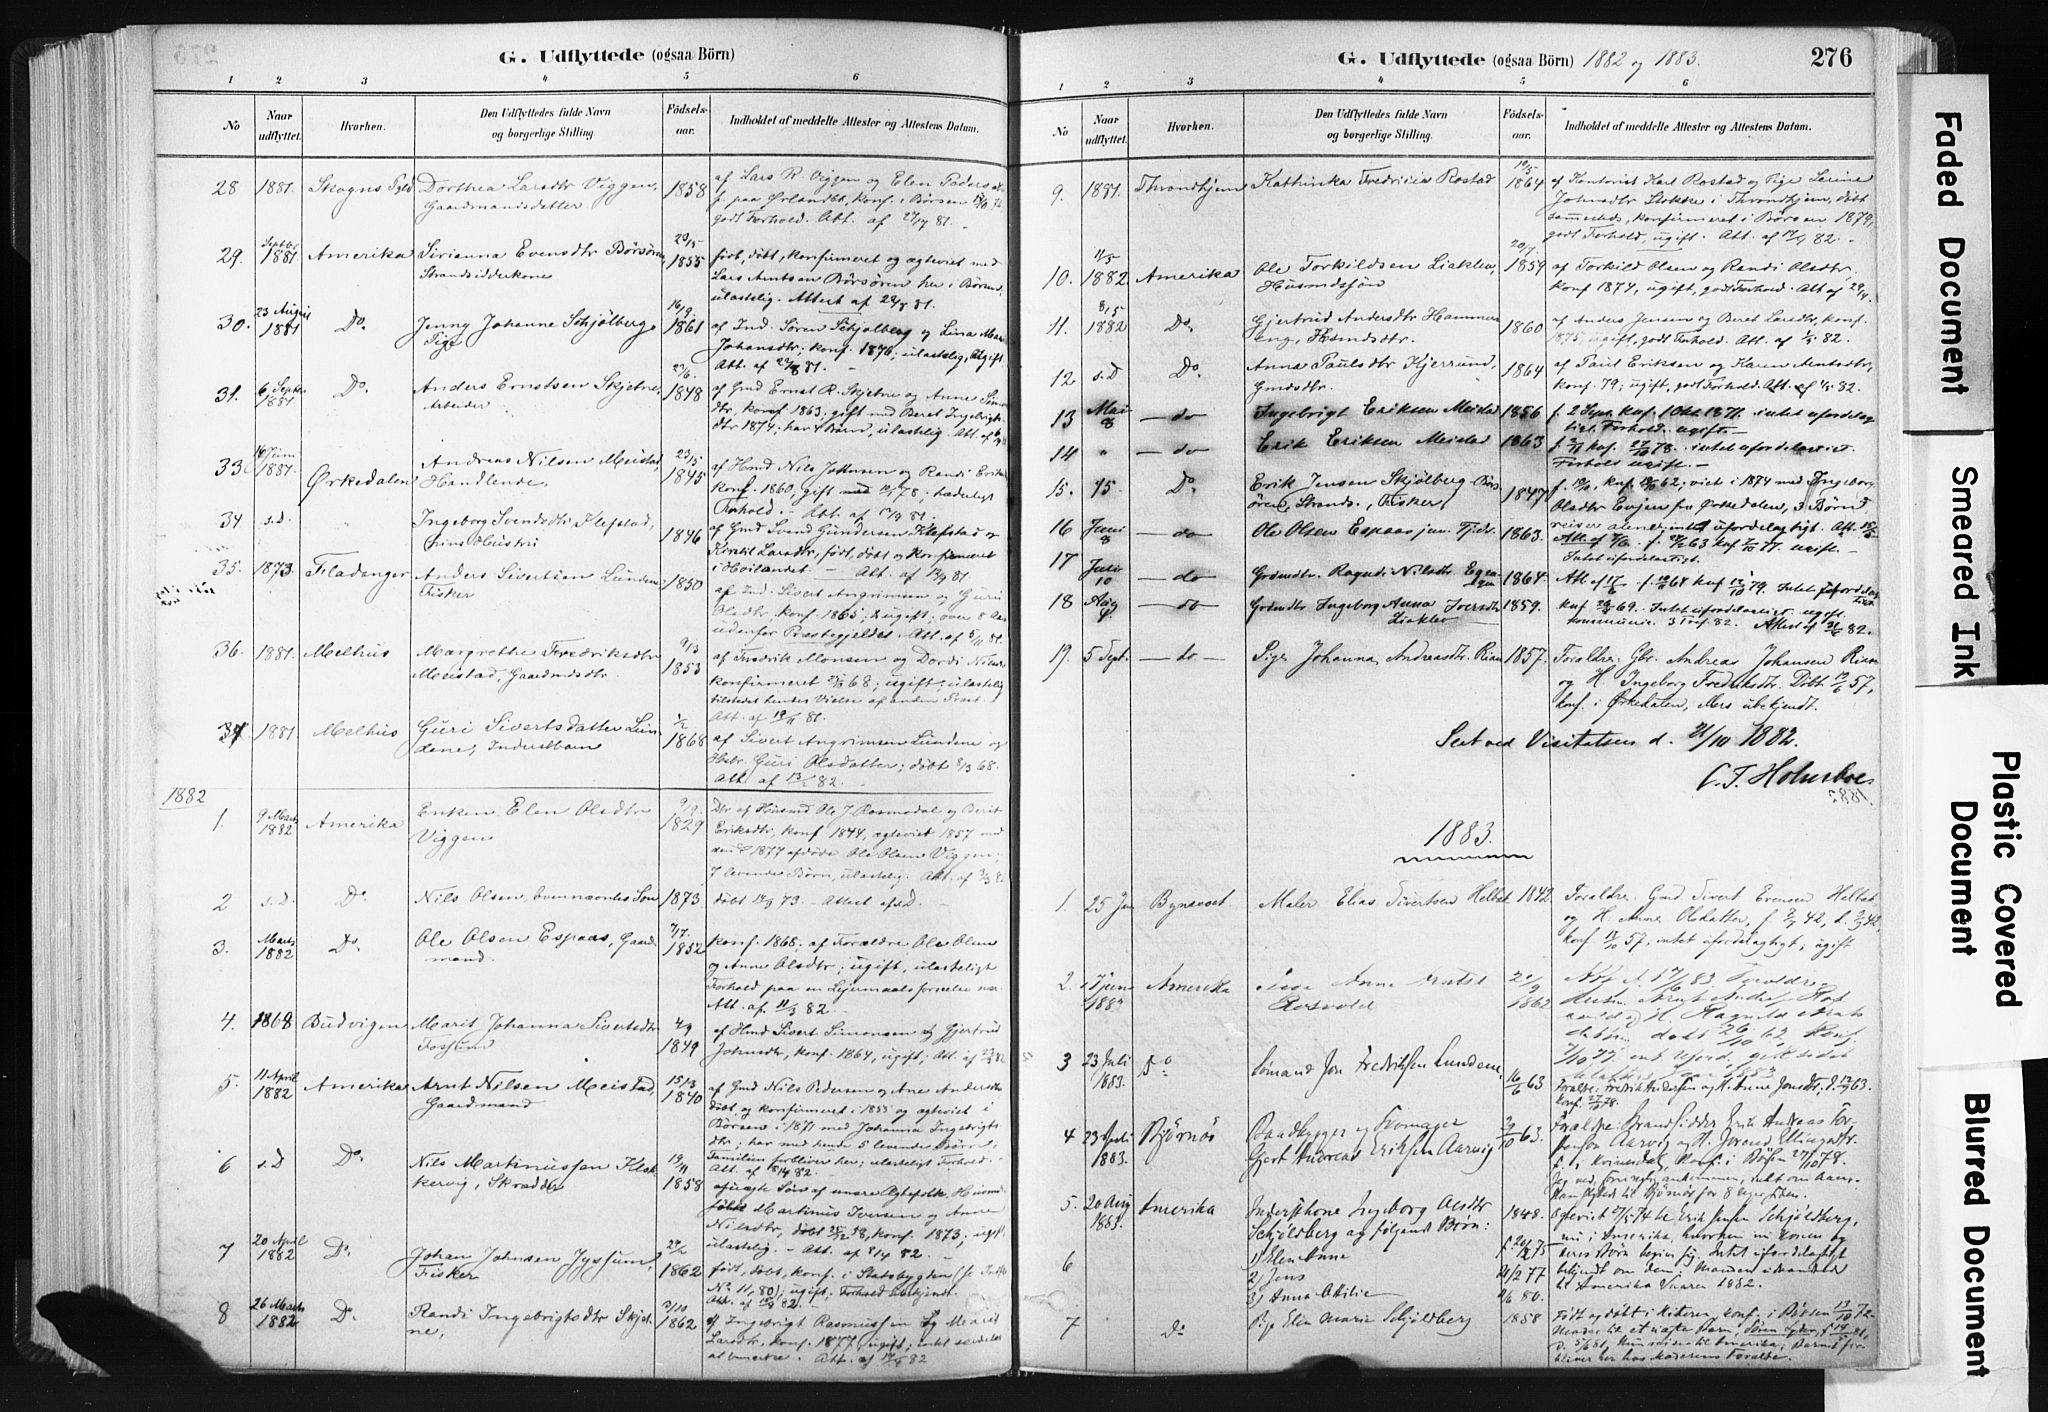 SAT, Ministerialprotokoller, klokkerbøker og fødselsregistre - Sør-Trøndelag, 665/L0773: Ministerialbok nr. 665A08, 1879-1905, s. 276